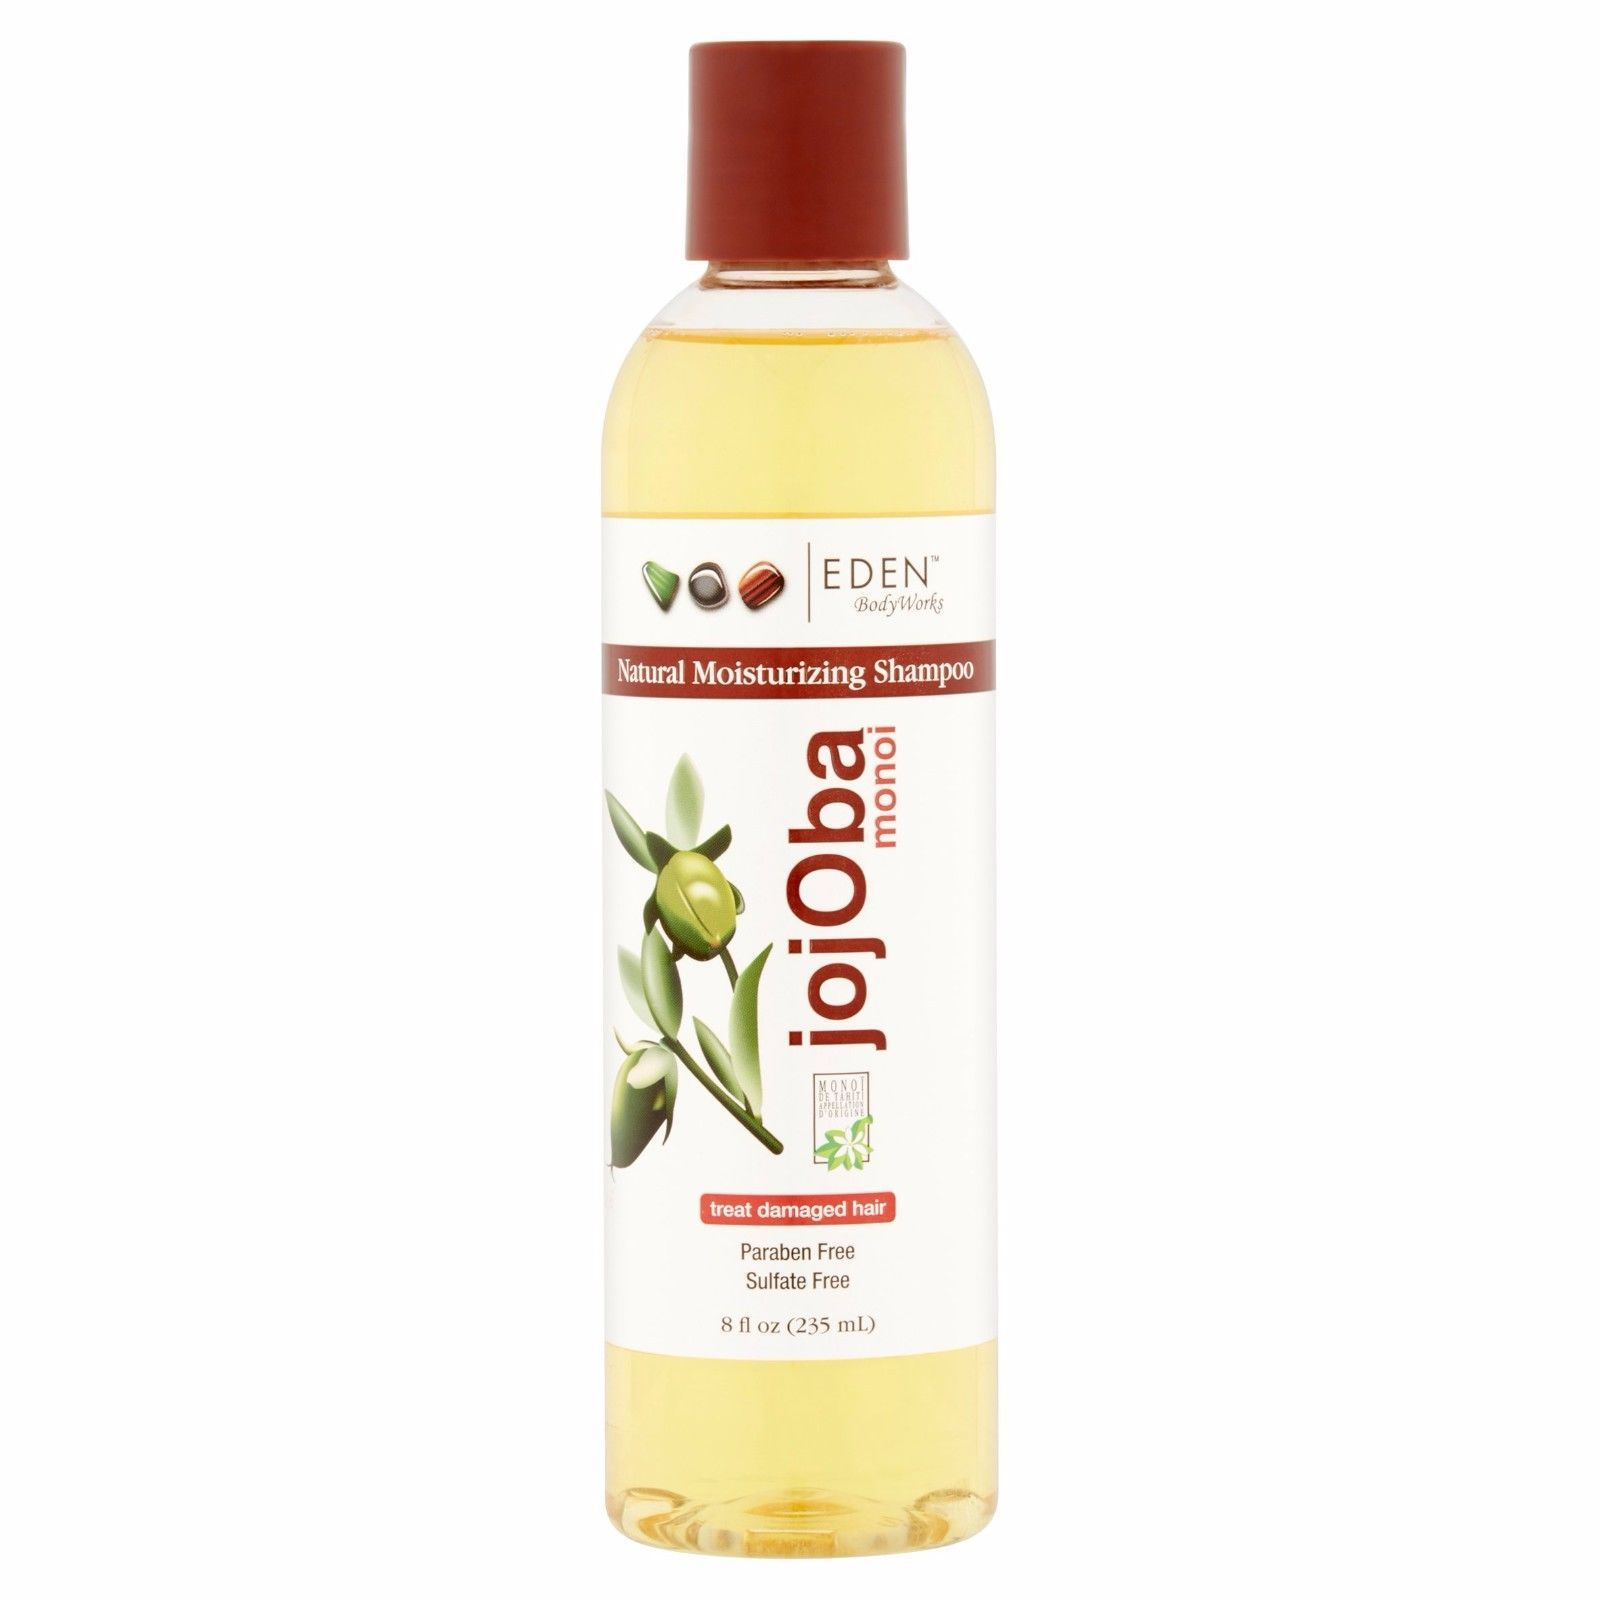 Eden Body Works All Natural Jojoba Monoi Shampoo 8oz